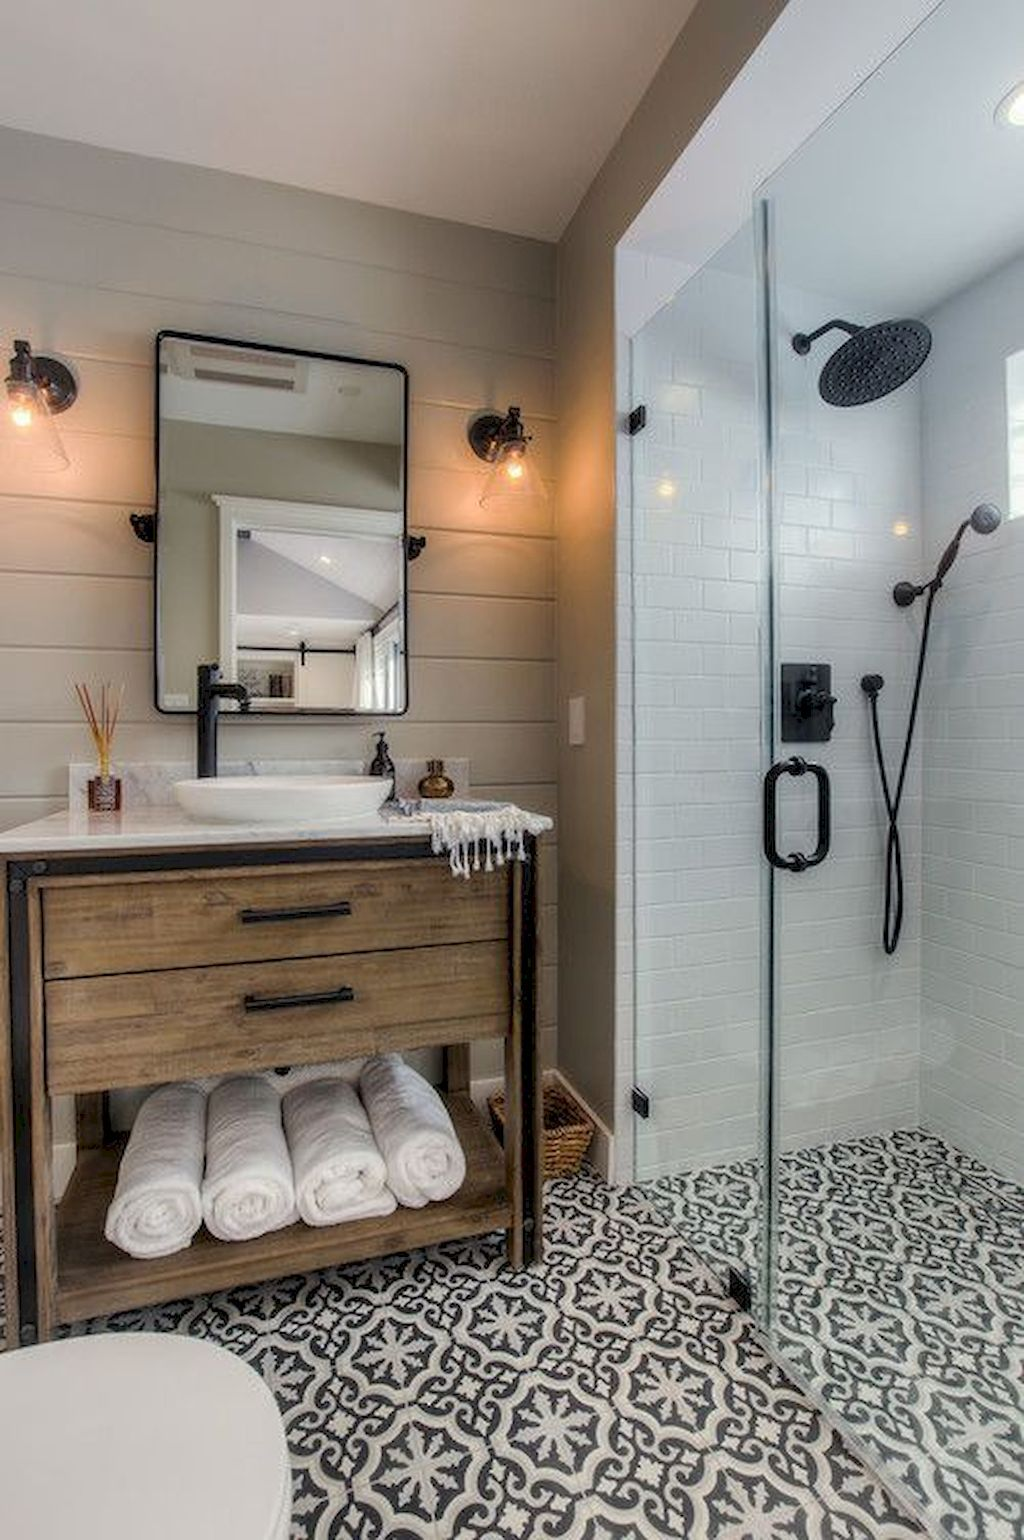 Организация пространства в ванной комнате фото 9